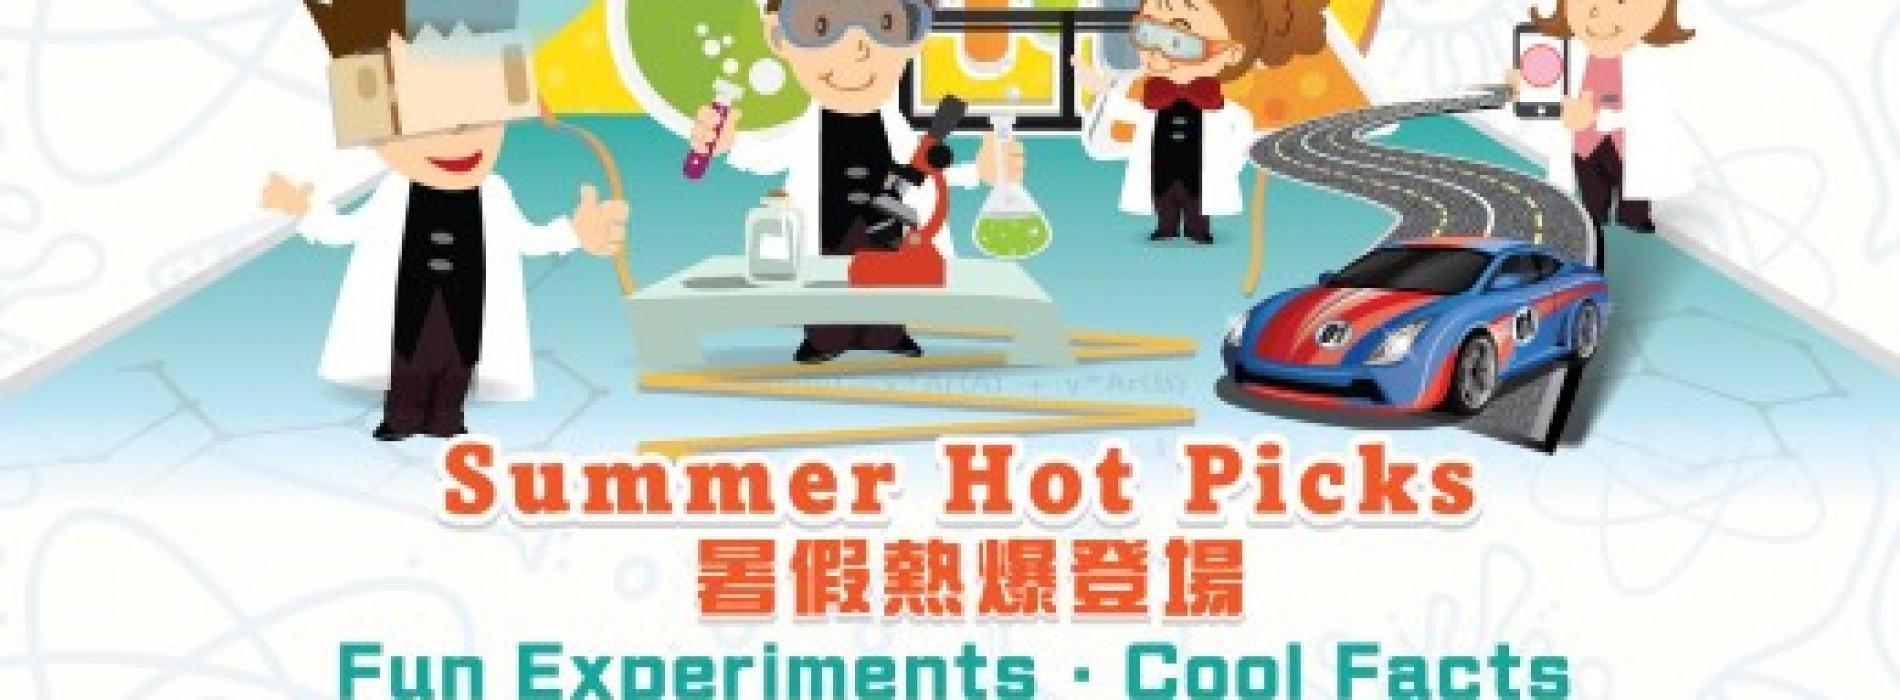 奇趣SUMMER LAB · 好玩科學實驗 [8/8-16/8]